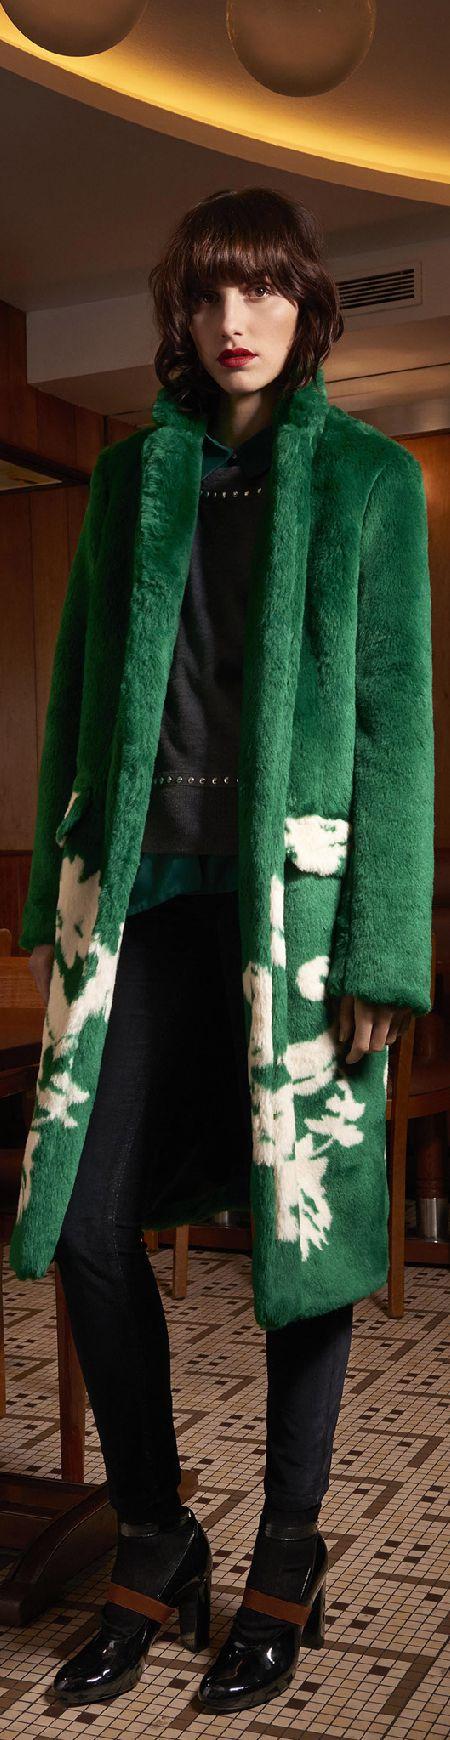 #Farbbberatung #Stilberatung #Farbenreich mit www.farben-reich.com Fall 2015 Ready-to-Wear Sonia by Sonia Rykiel